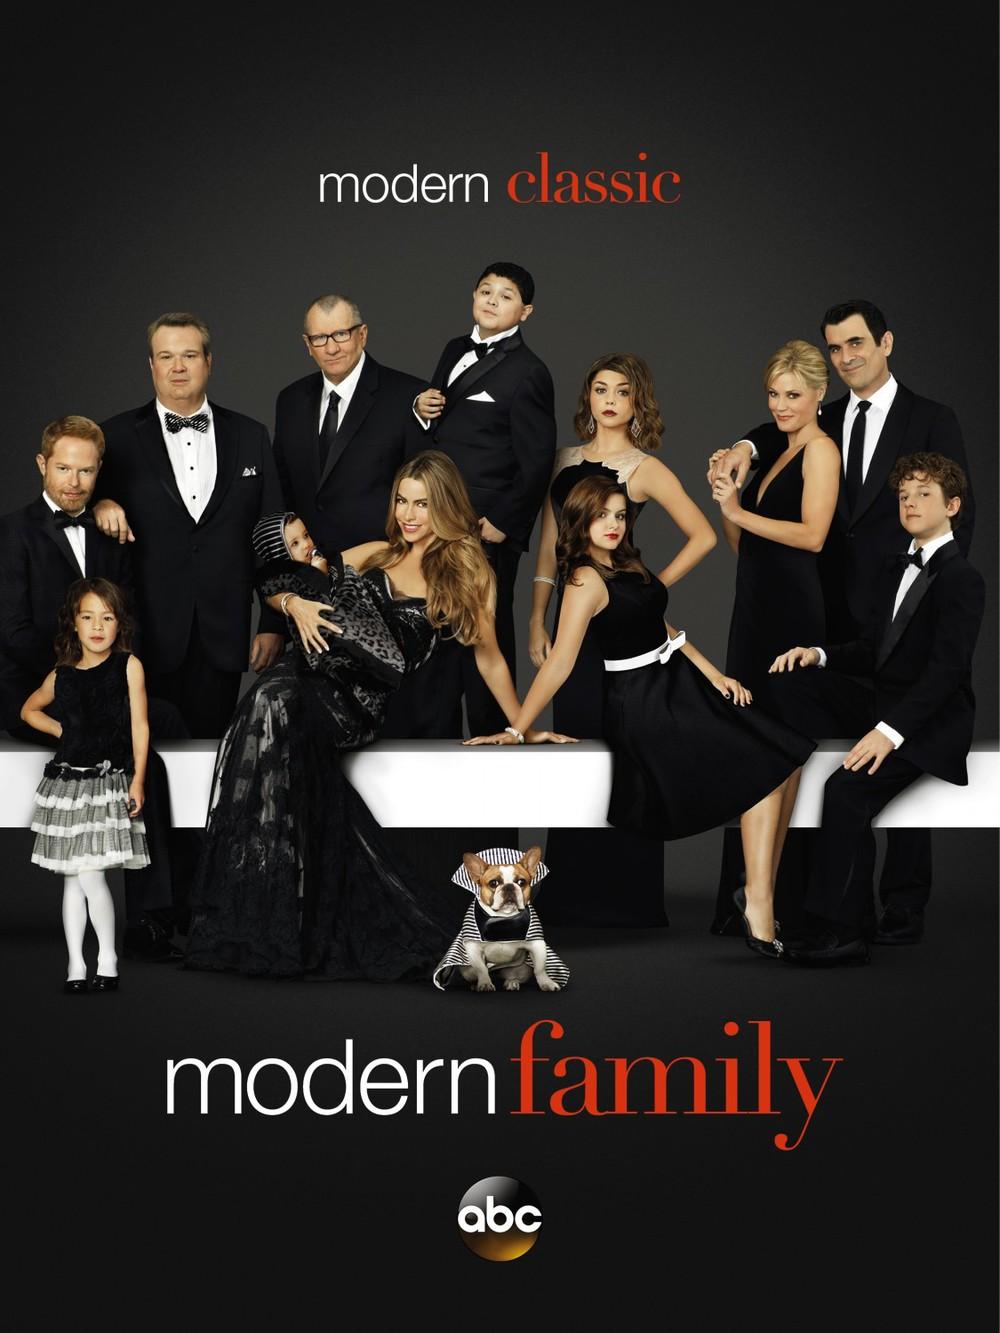 modern family poster.jpg